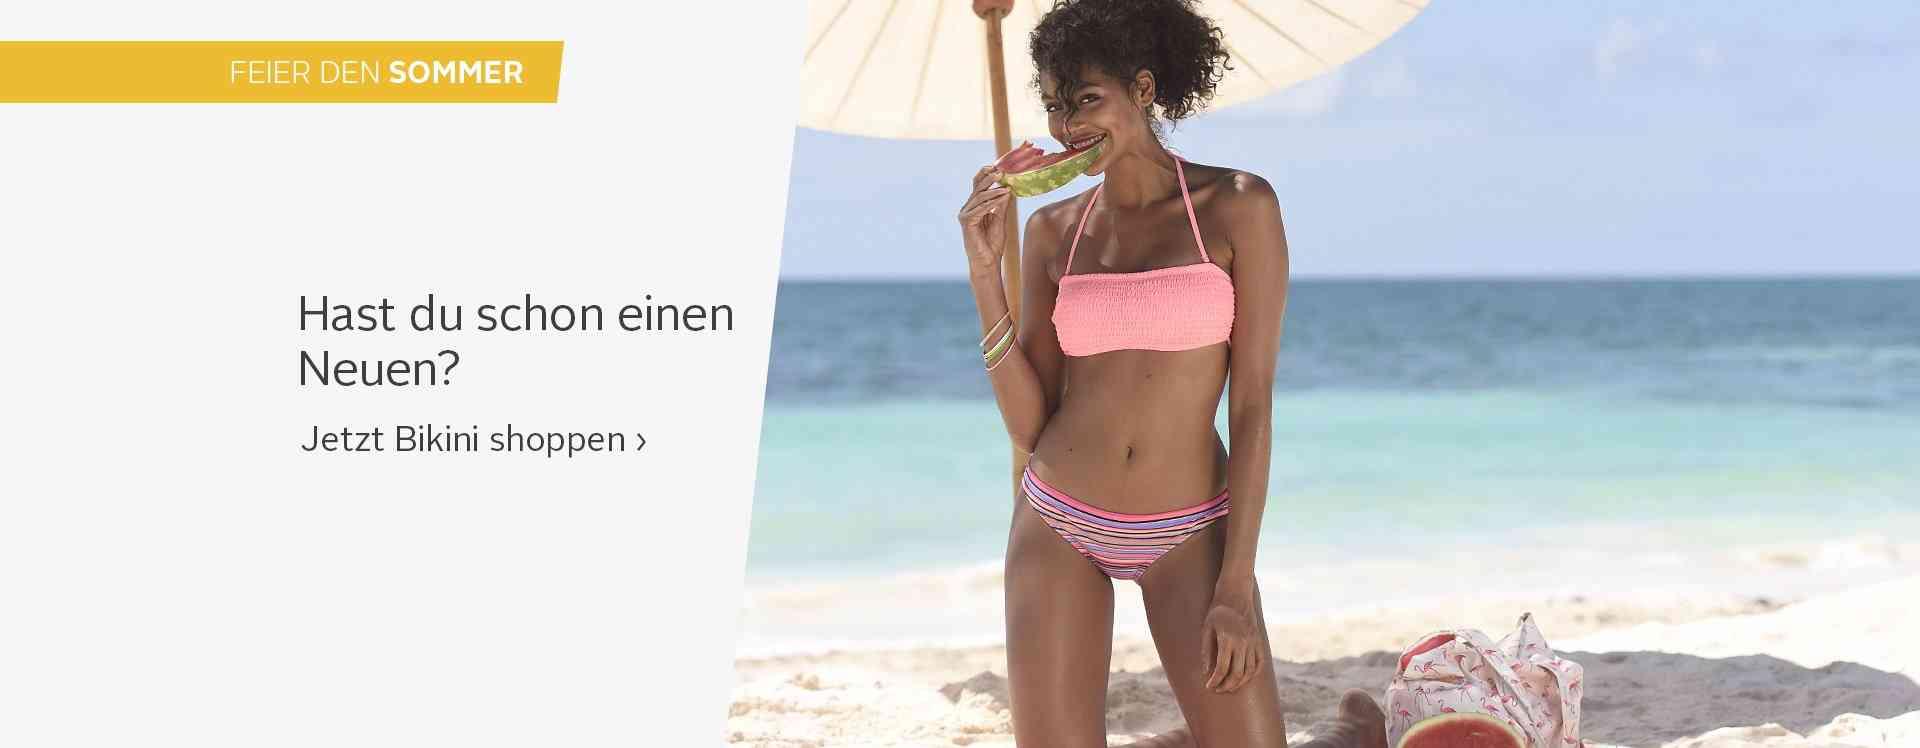 Bikinis bei Otto online bestellen: Individuelle Bademode in aktuellen Formen und Farben. Ob Bügel-Bikinis in großen Cups oder Push-up-Bikinis für kleine Cups - Hier wird Jede fündig.